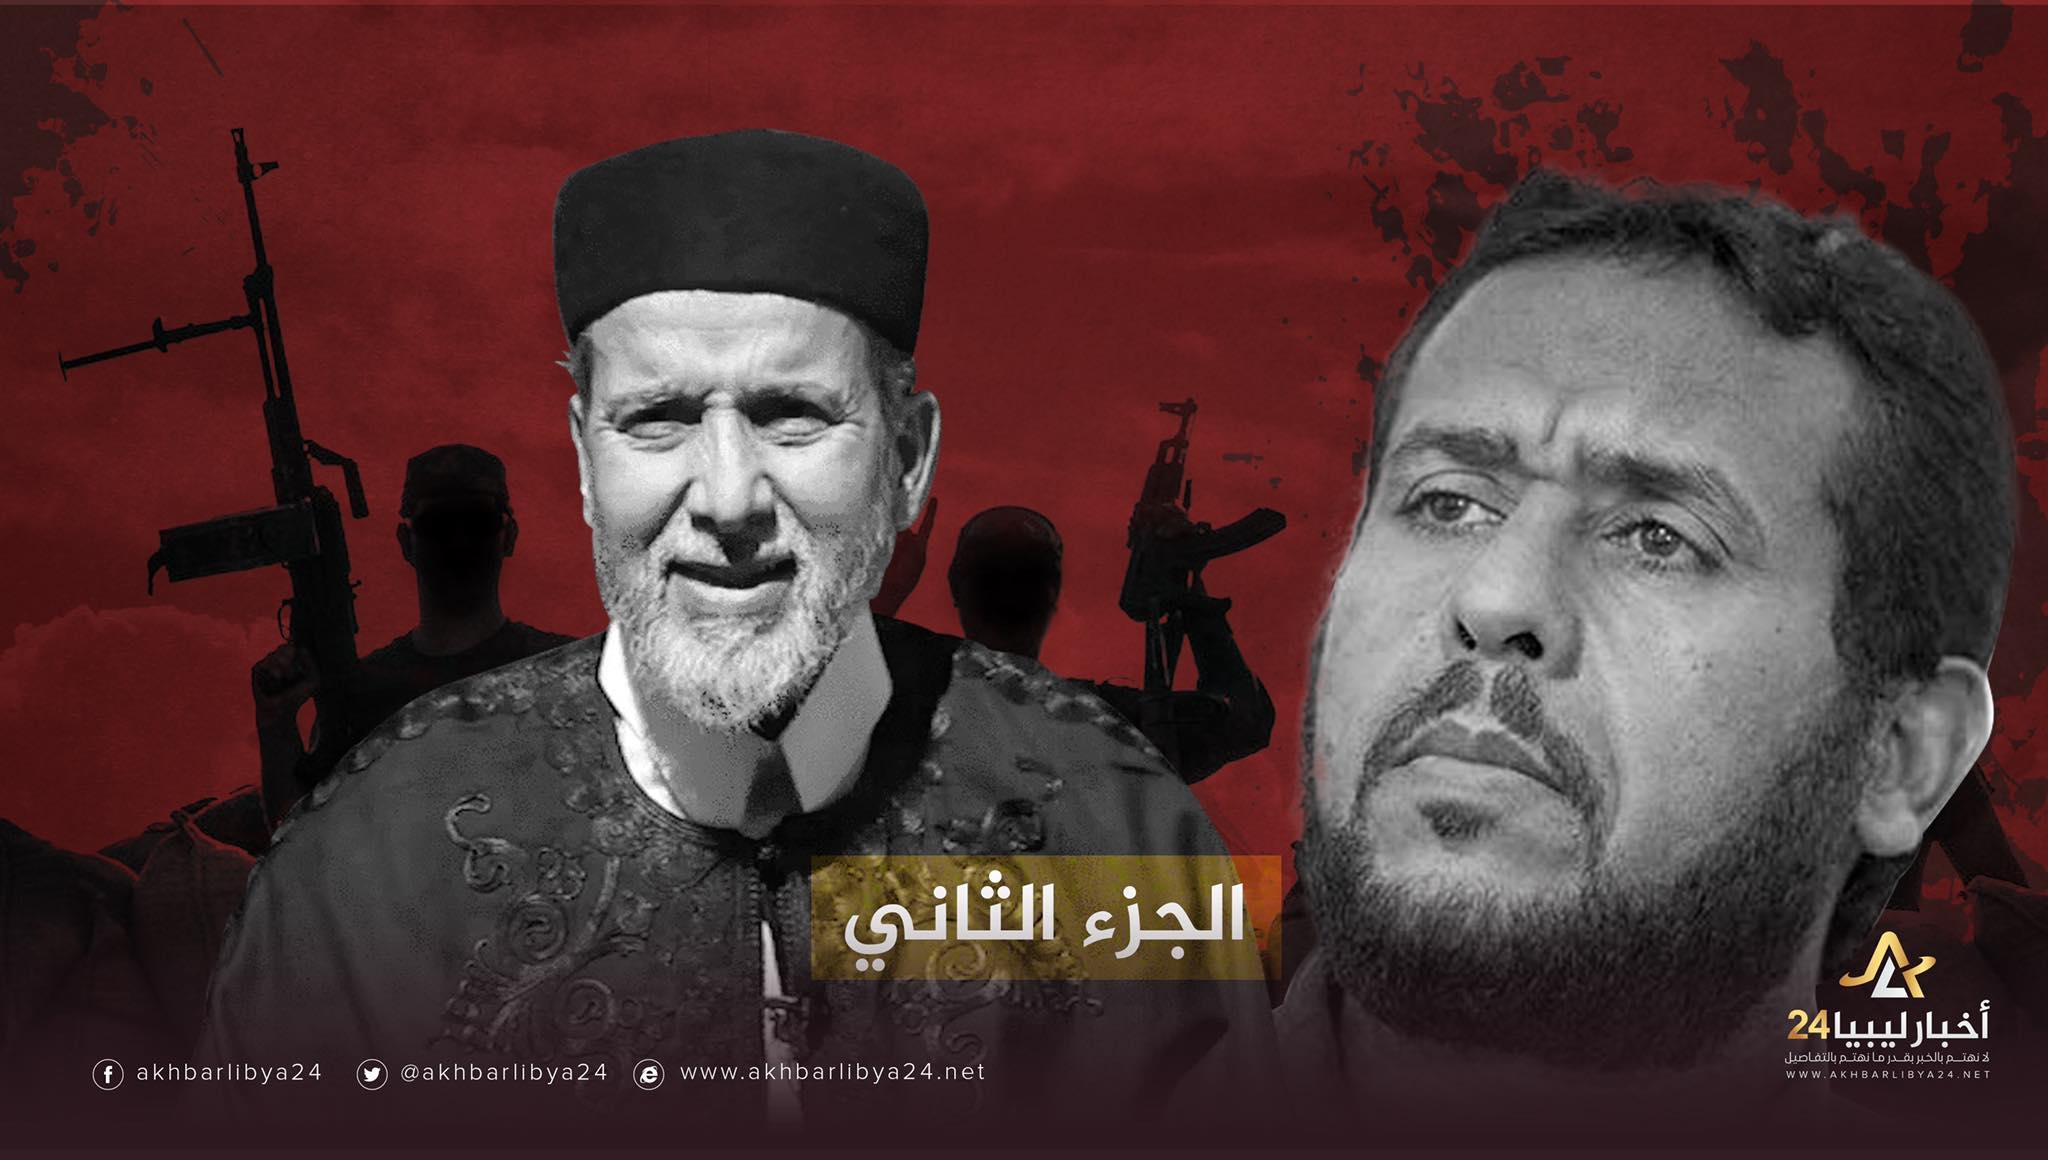 """صورة من ثمانينيات القرن الماضي .. تعرف على تاريخ الجماعة الليبية المقاتلة """"الجزء الثاني"""""""